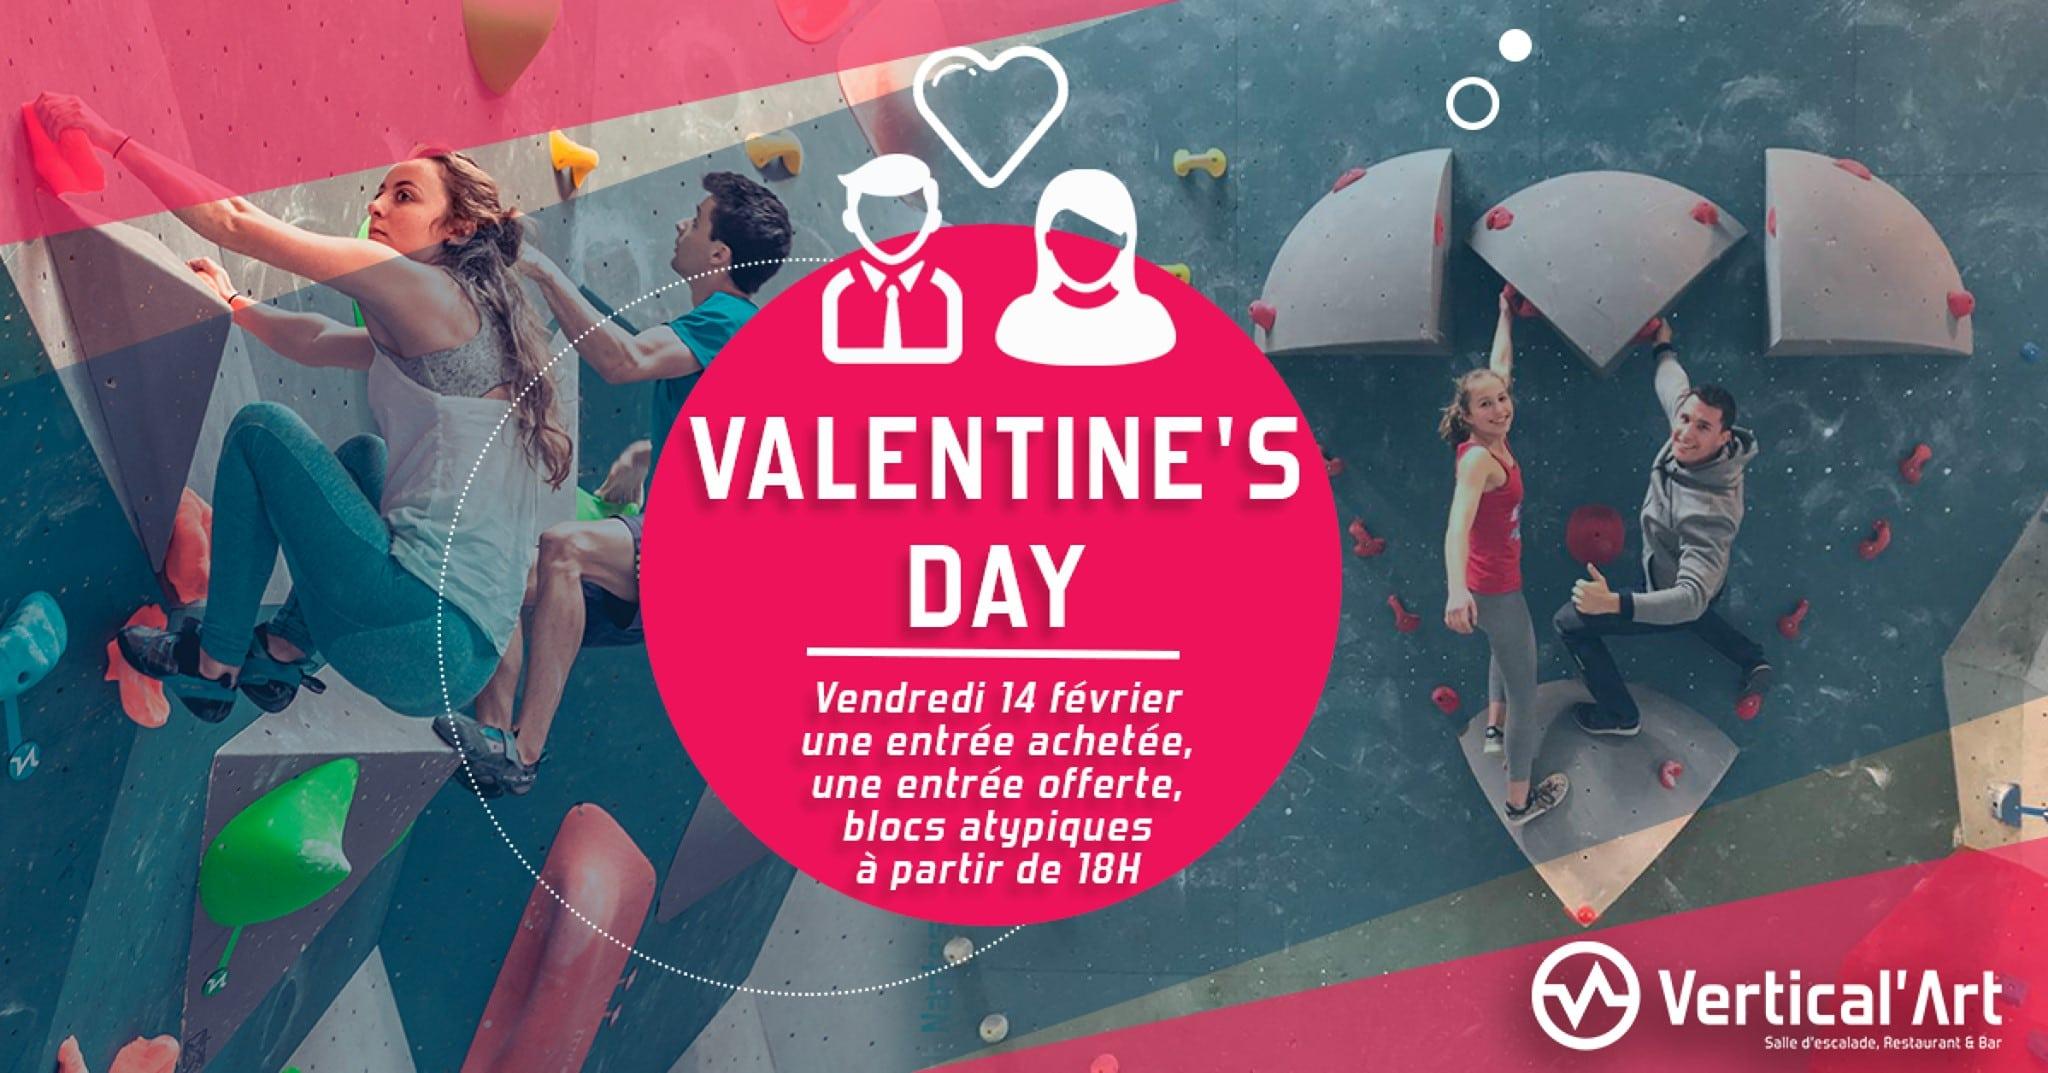 Valentine's day nantes- Vertical'art nantes- Soirée saint valentin à VA Nantes-Soirée des amoureux